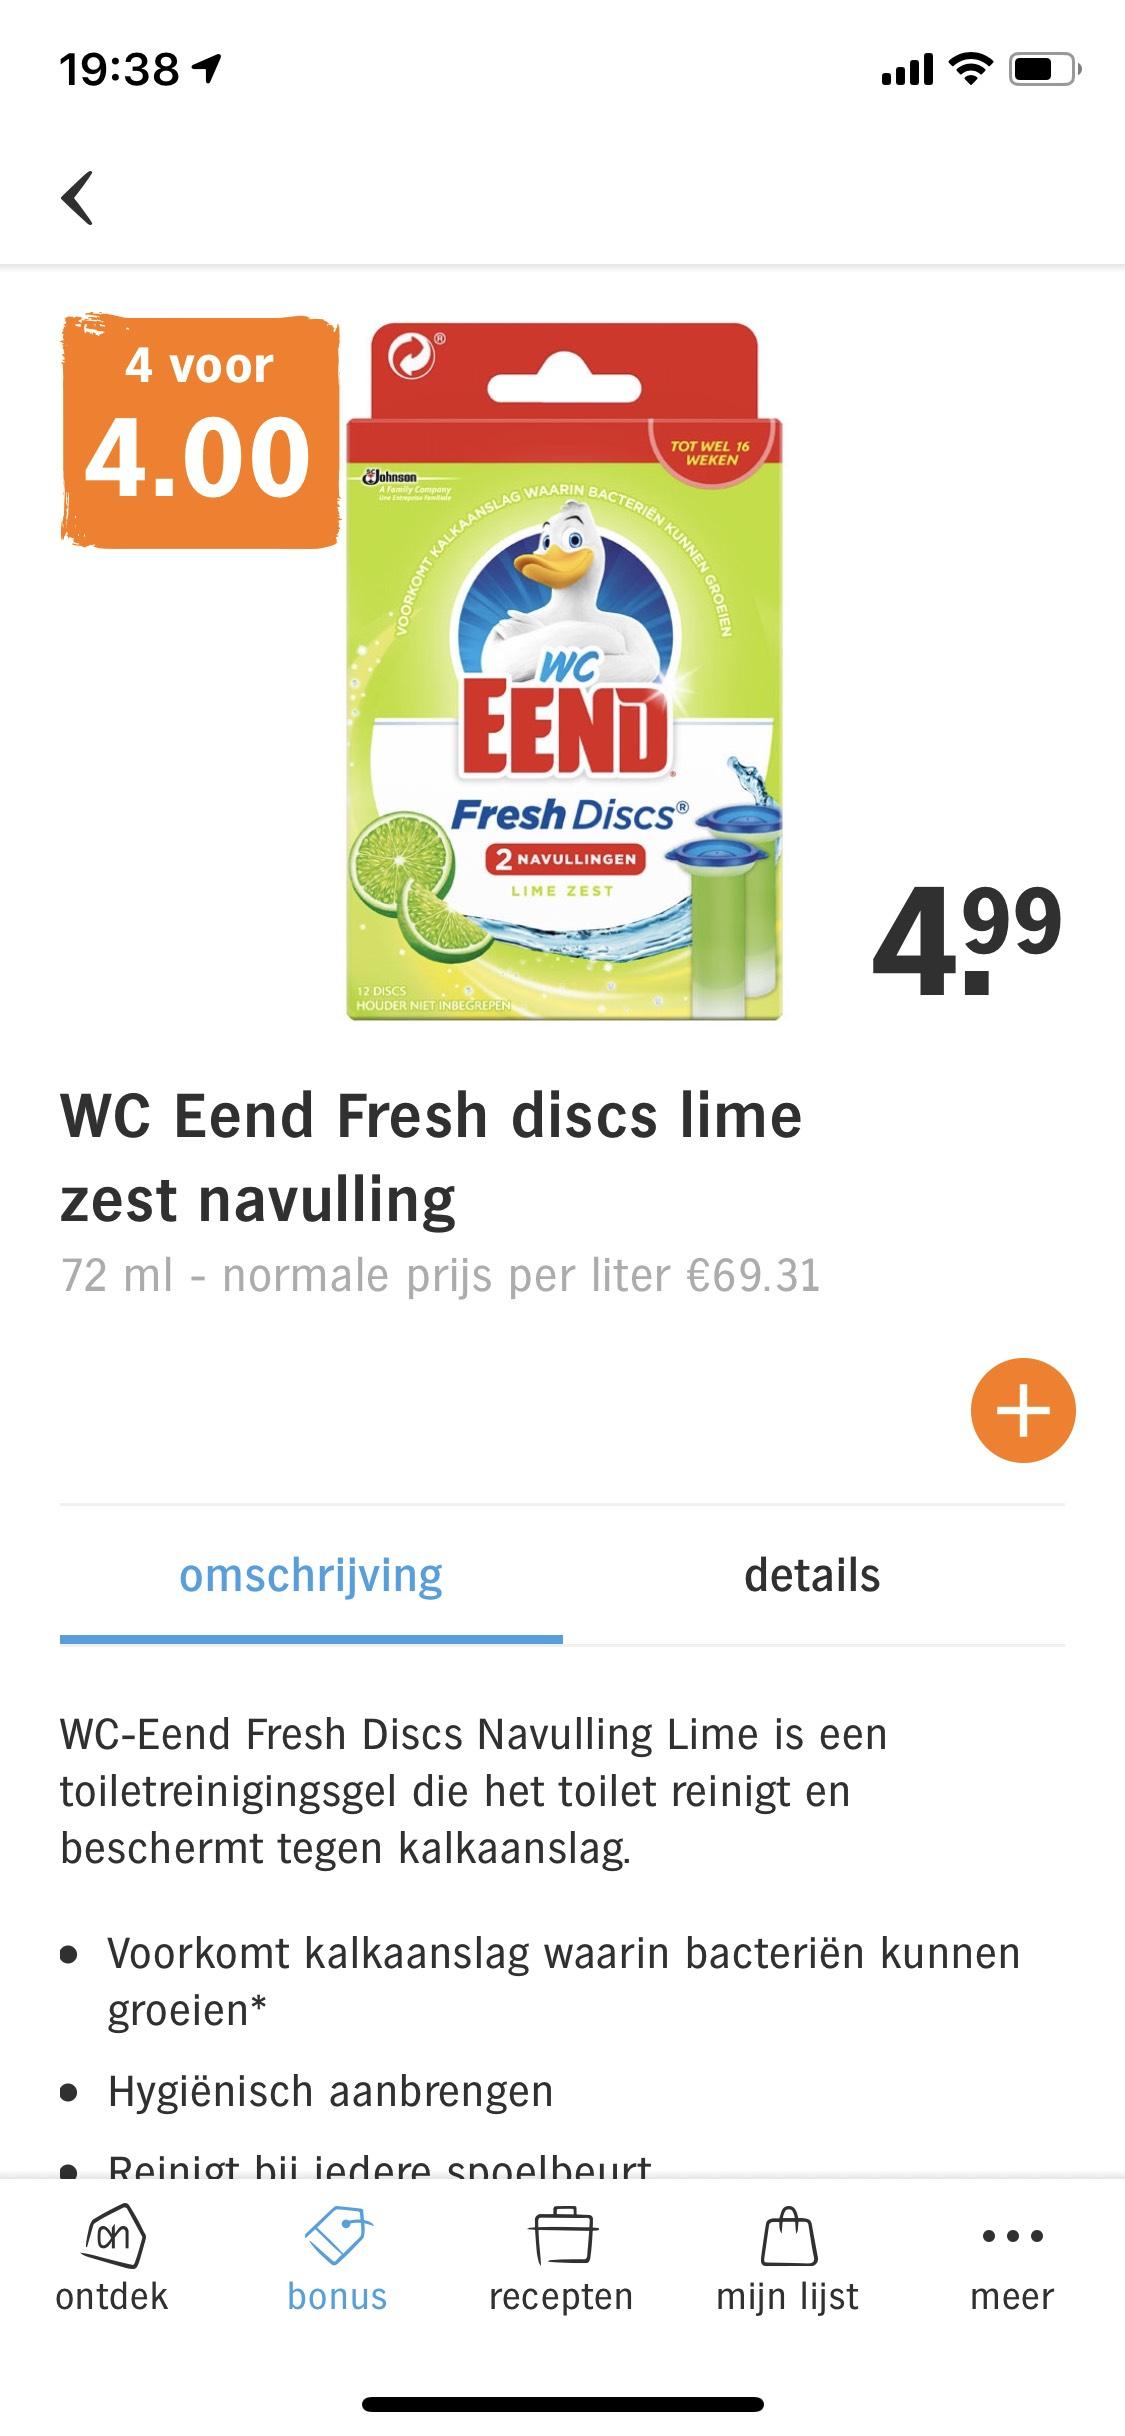 Wc eend fresh discs navulling